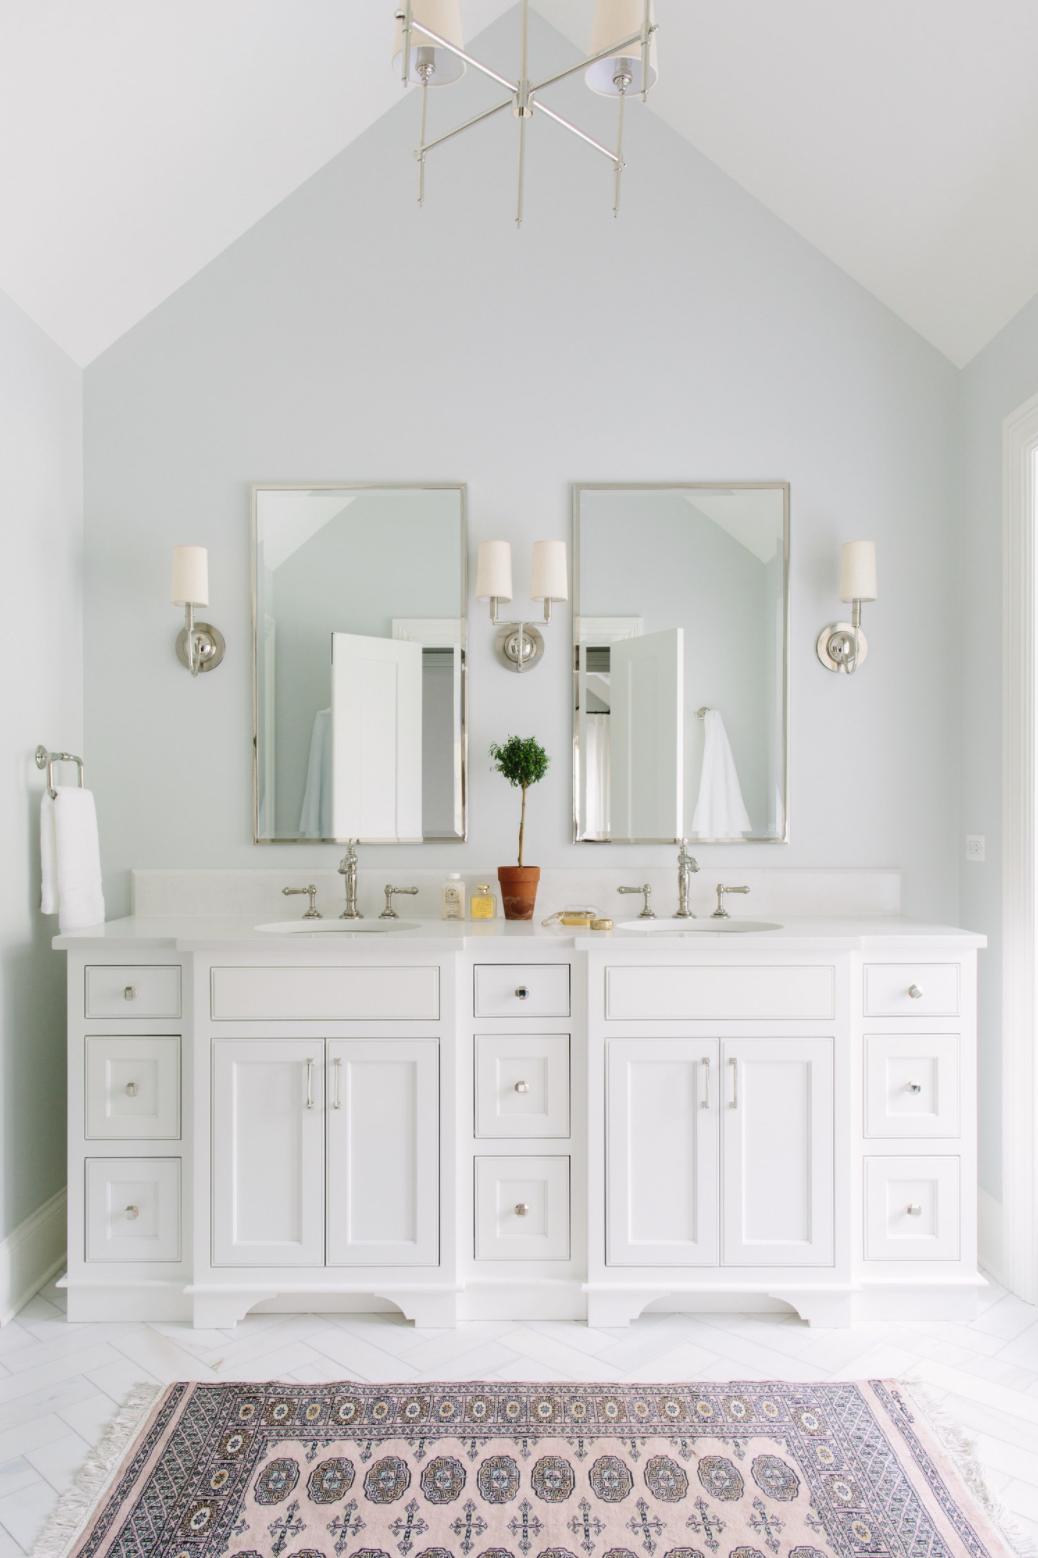 10 Ways To Make A Small Bathroom Look Bigger Hadar Guibara